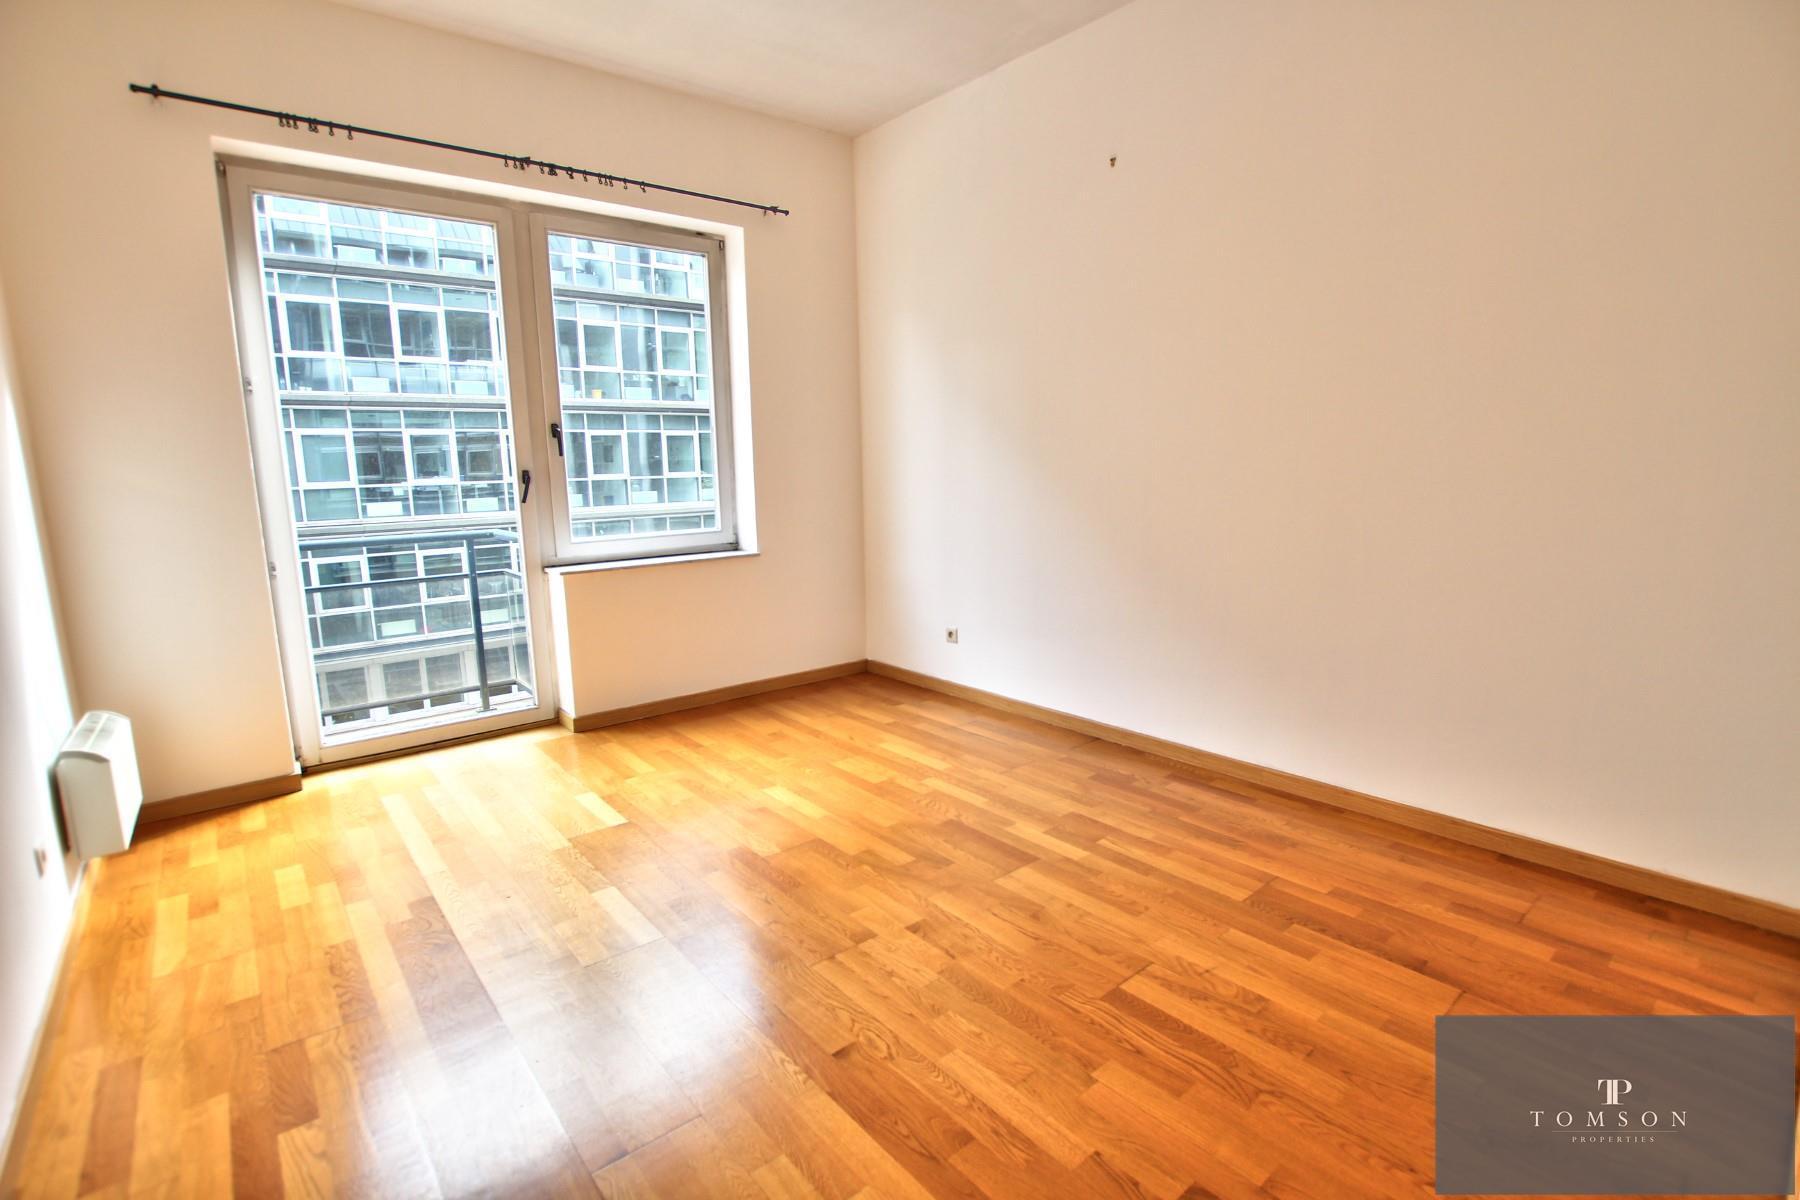 Appartement - Etterbeek - #4324778-3